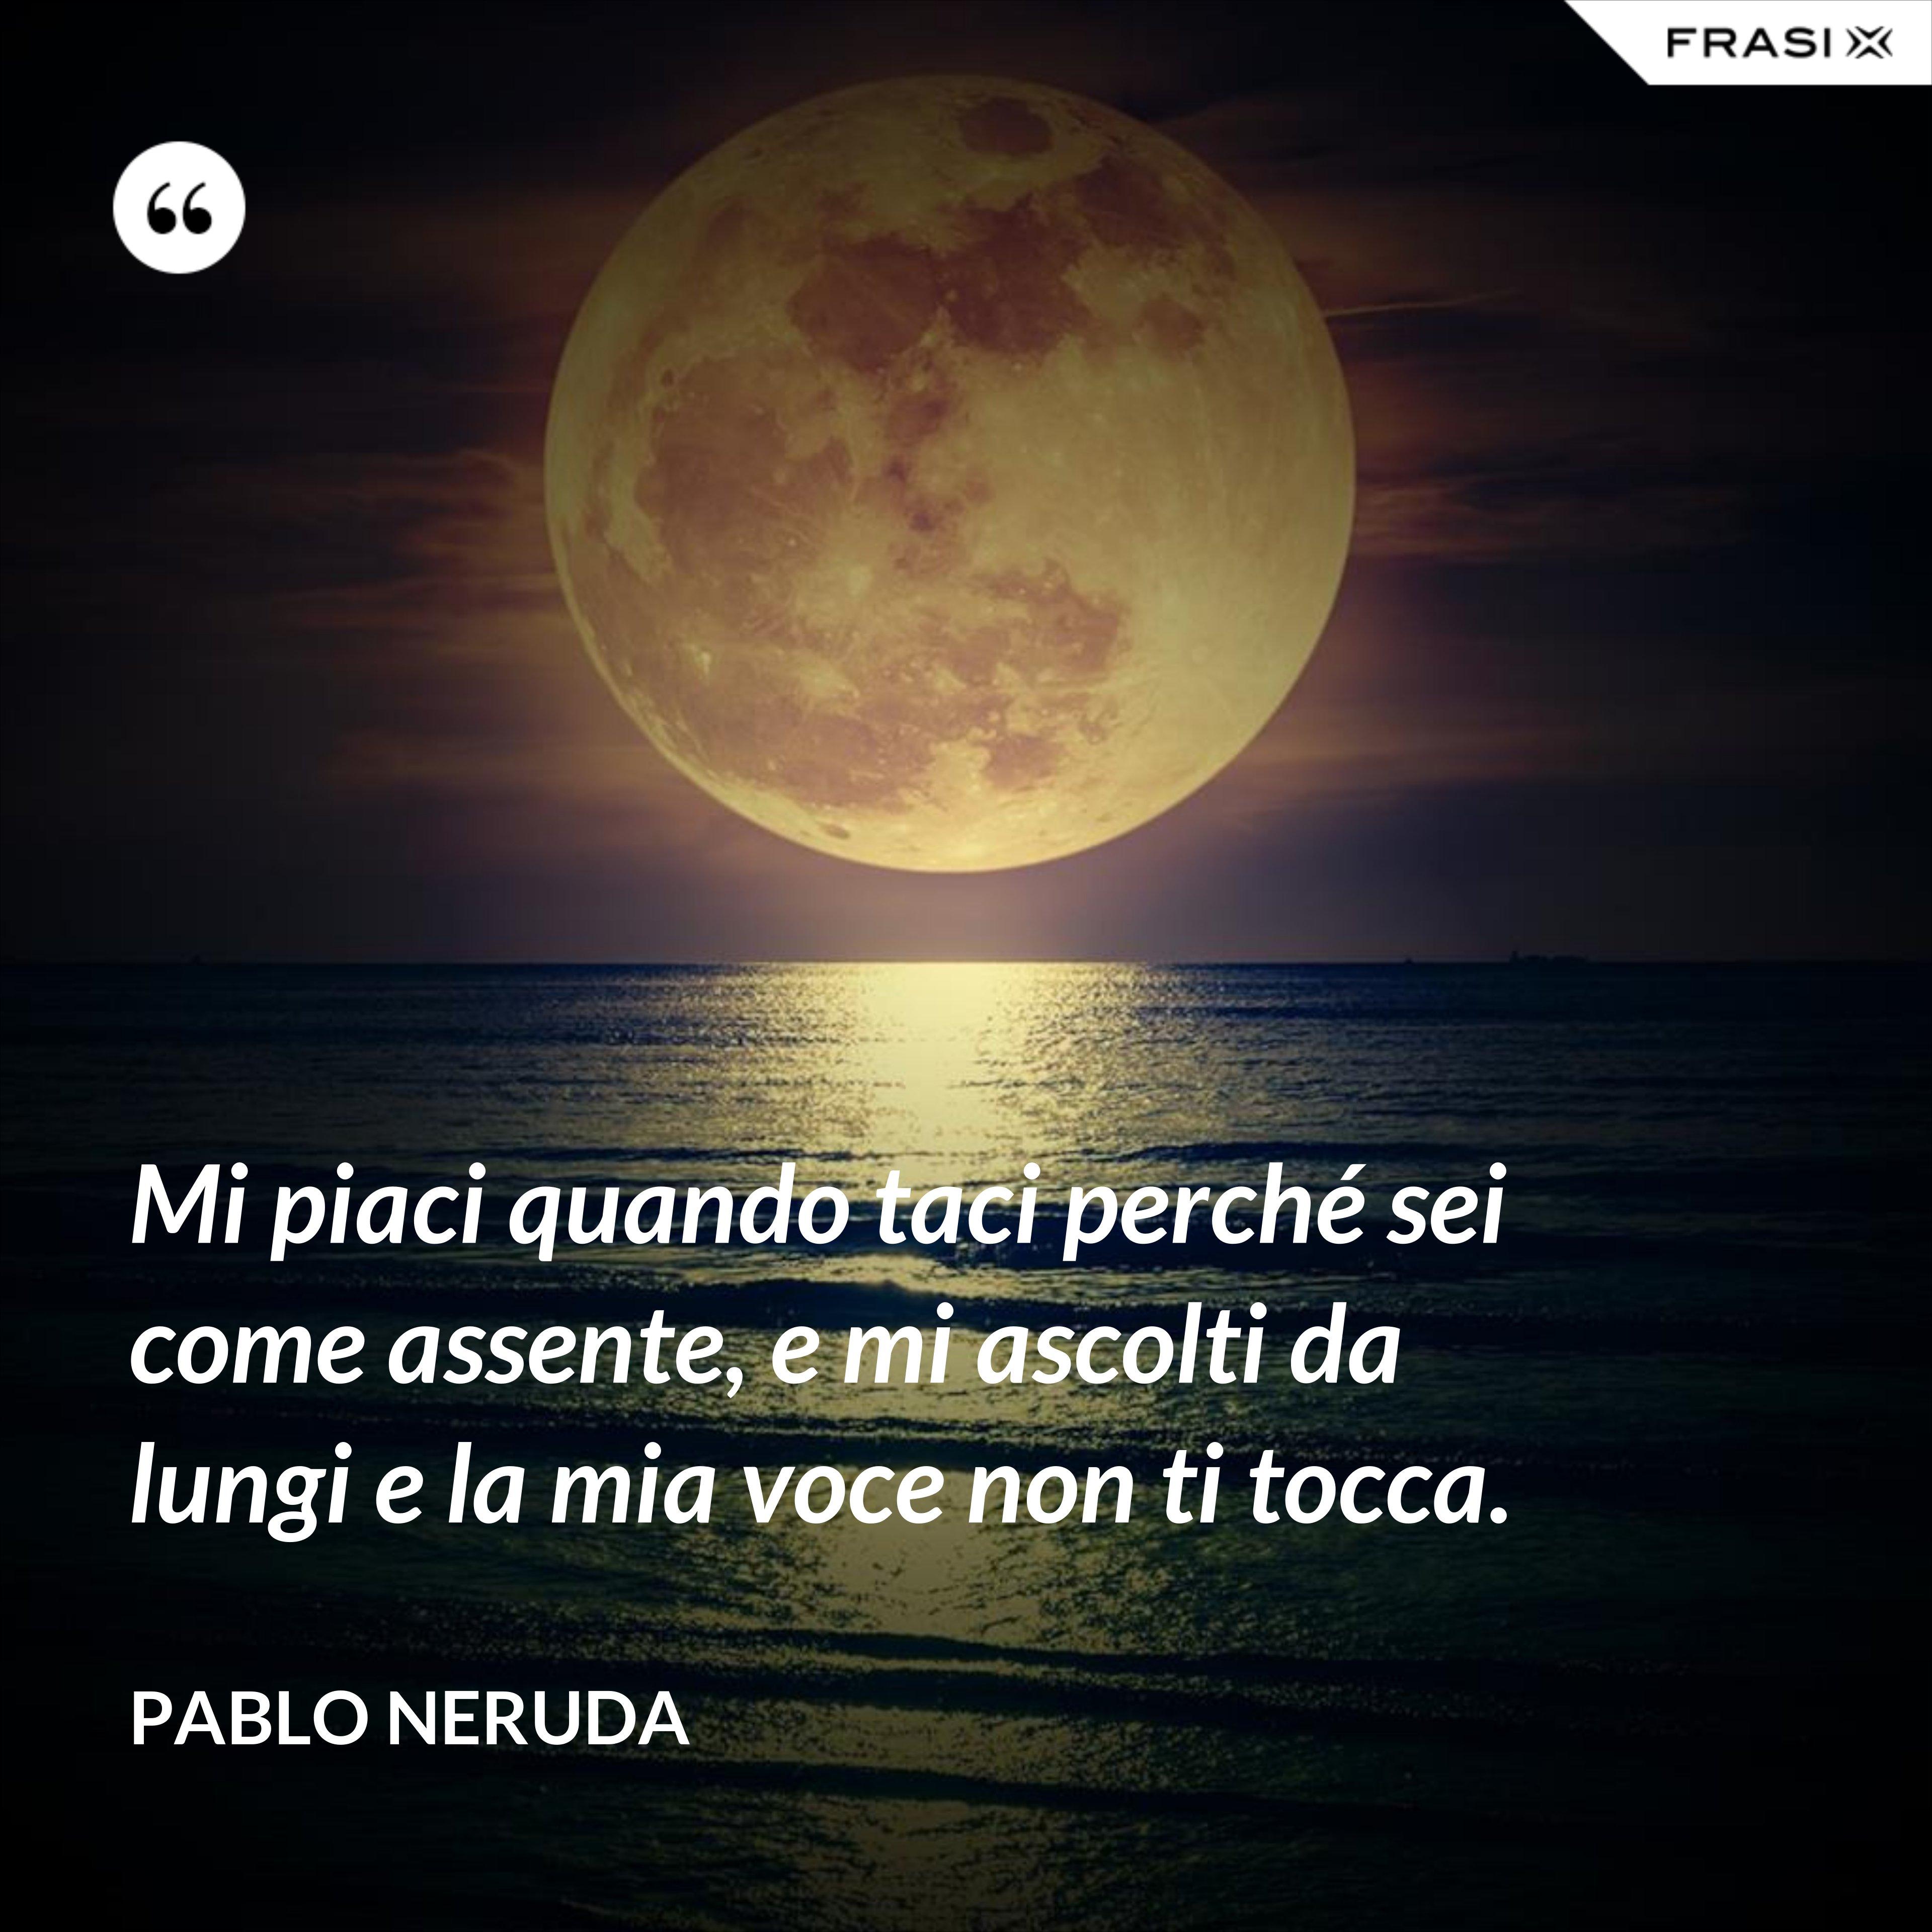 Mi piaci quando taci perché sei come assente, e mi ascolti da lungi e la mia voce non ti tocca. - Pablo Neruda